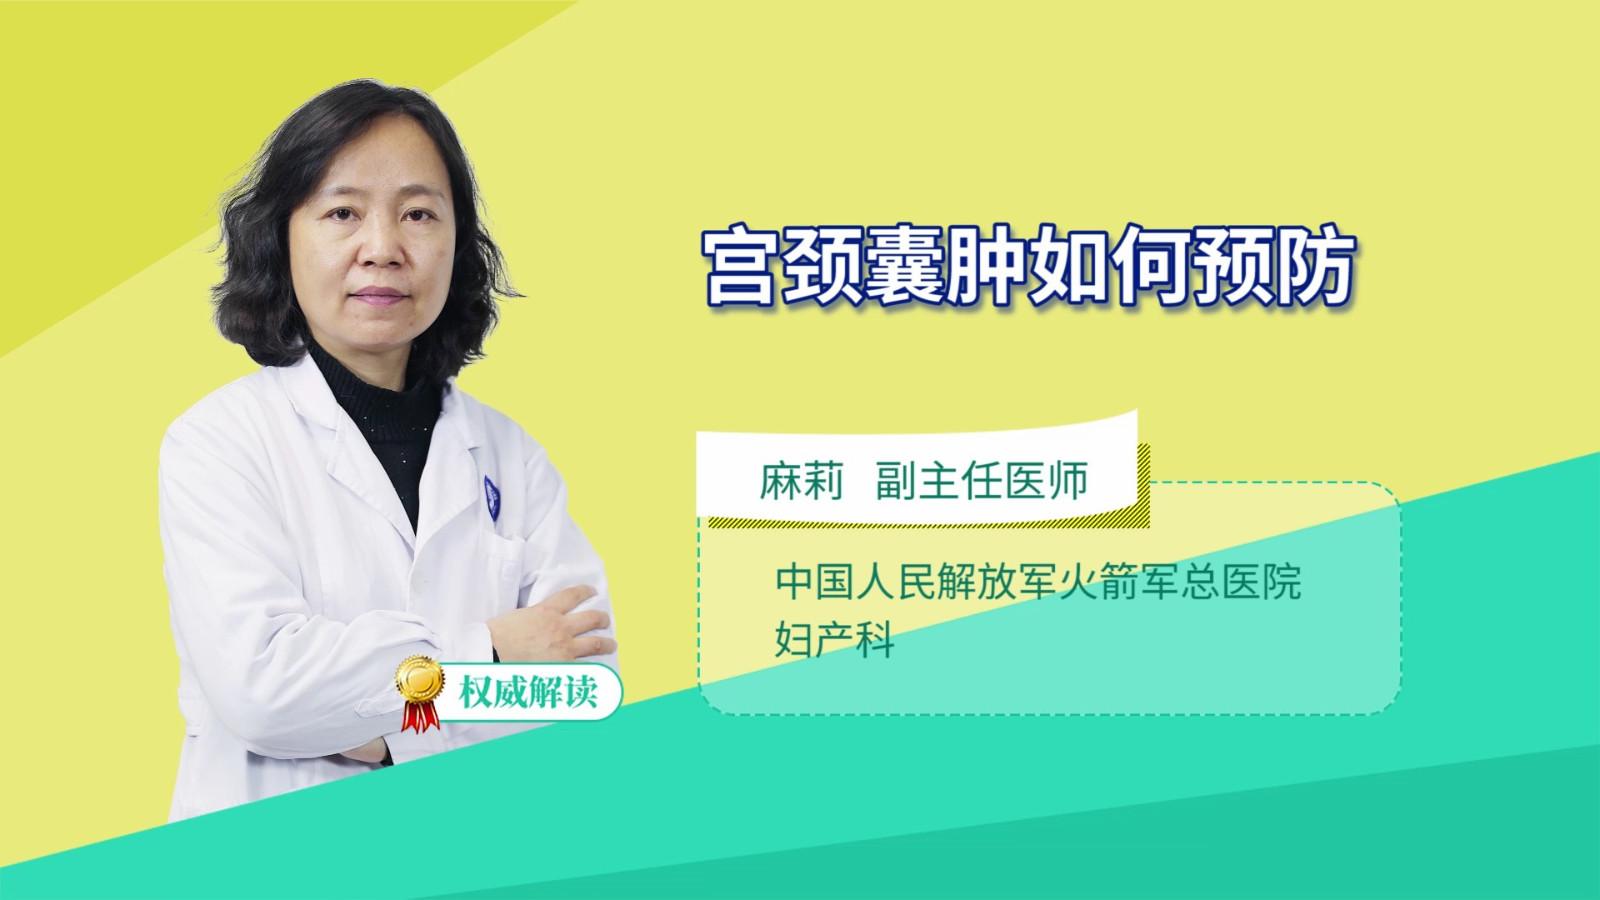 宫颈囊肿如何预防